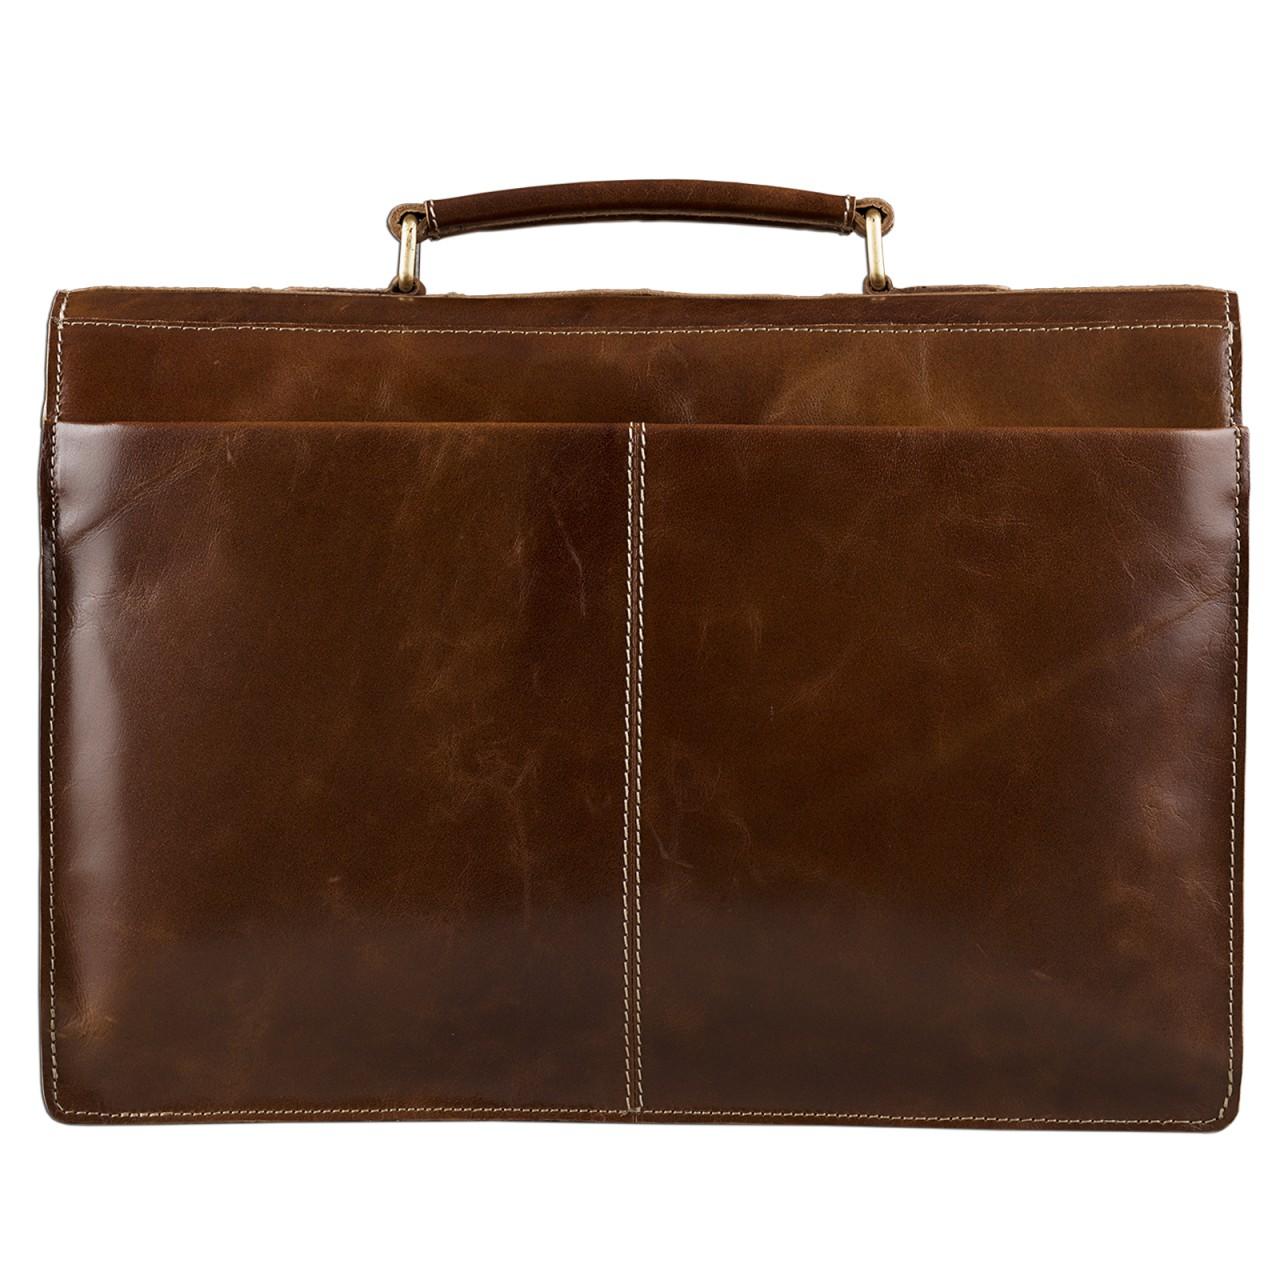 STILORD Vintage Aktentasche elegante Businesstasche zum Umhängen Echtleder für 13,3 Zoll Laptops Rinds Leder dunkles Braun - Bild 4